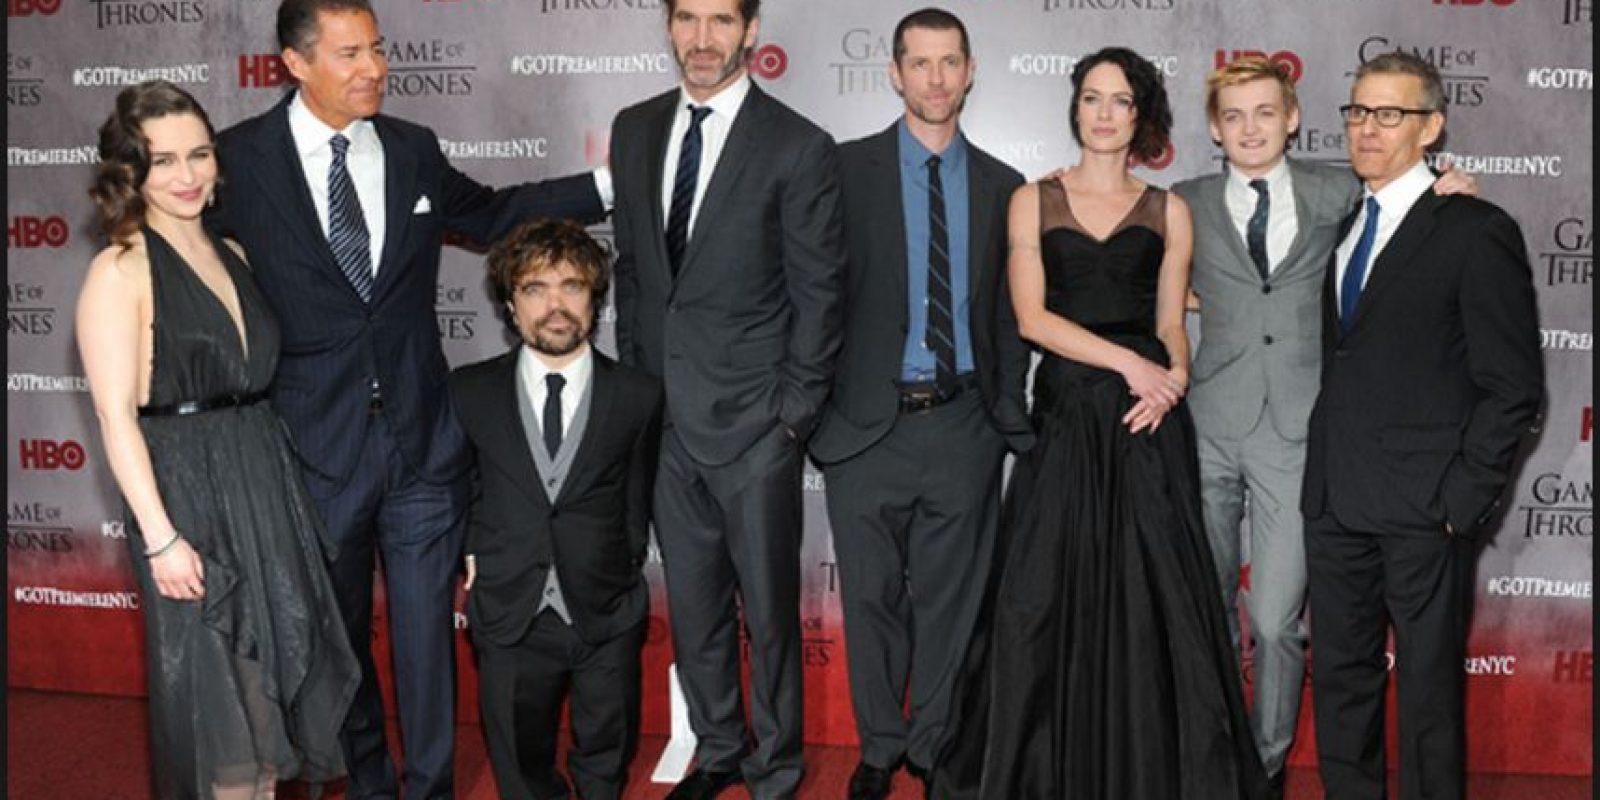 Tiene un nivel avanzado y requiere de mucha atención por el vocabulario amplio y expresiones propias de Reino Unido Foto:HBO